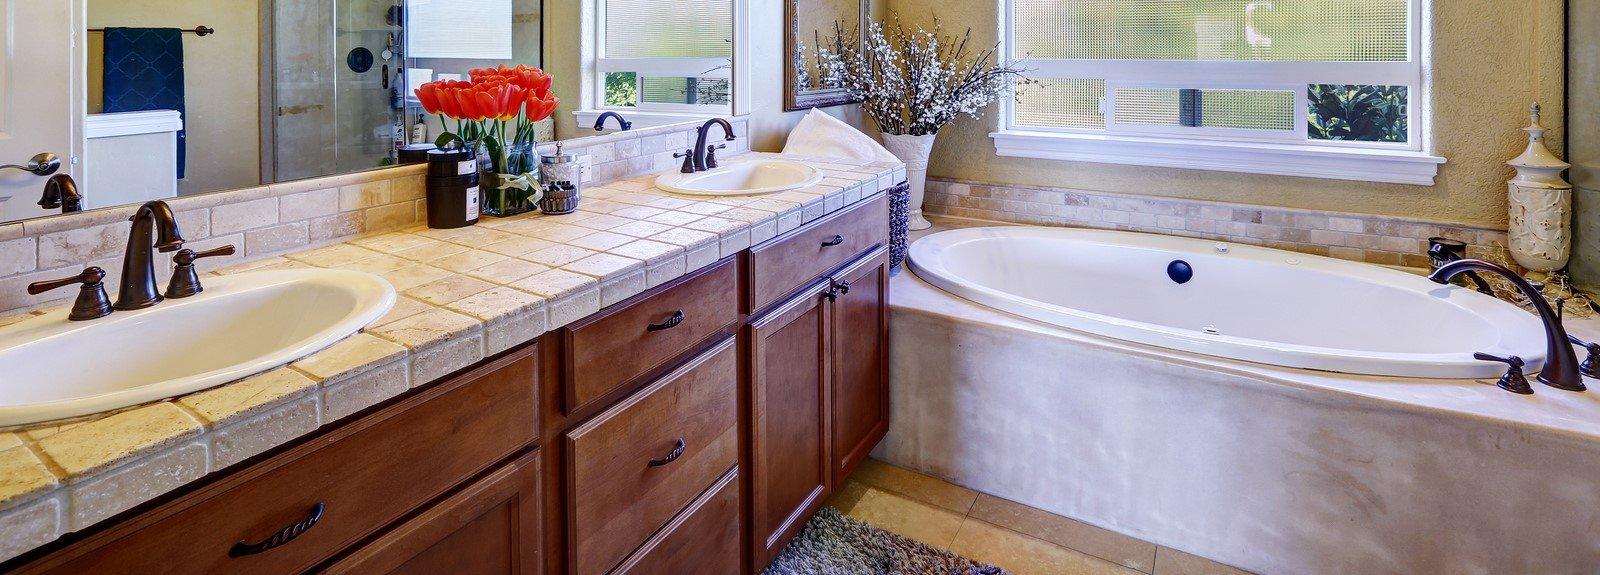 100 bathroom vanities in mississauga bathroom lowes vanity